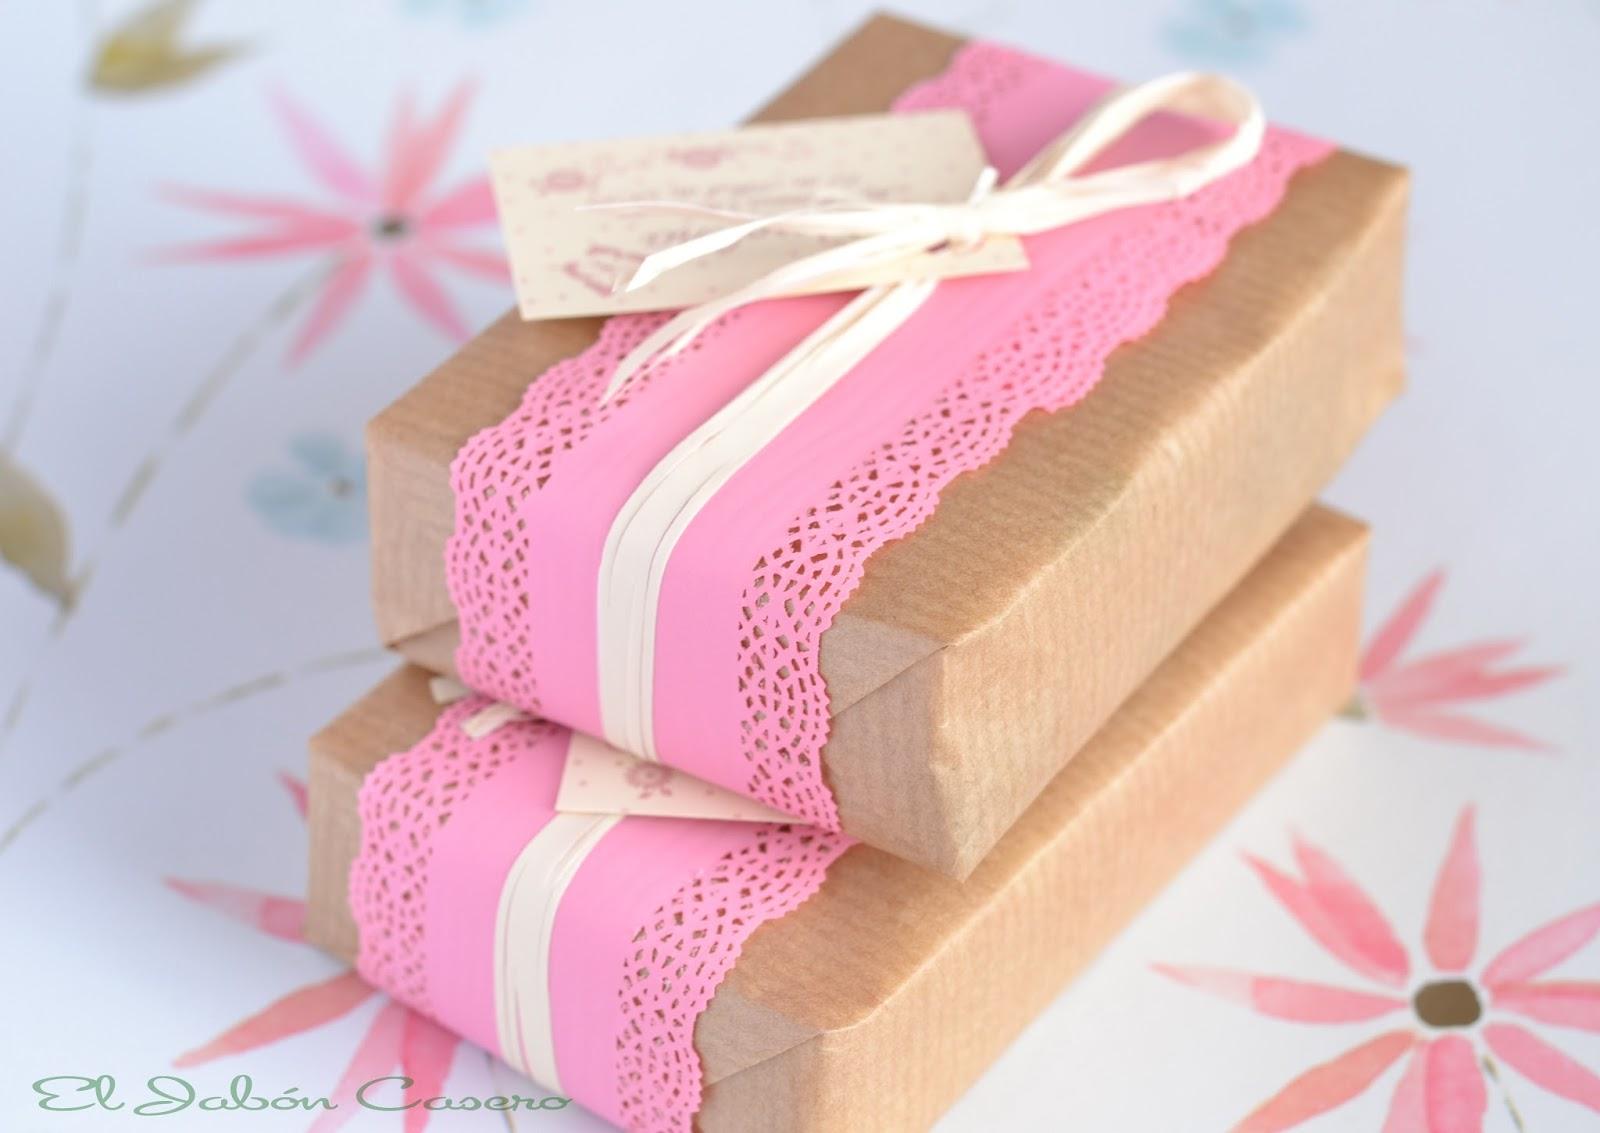 Jabones regalos de invitados primera comunion